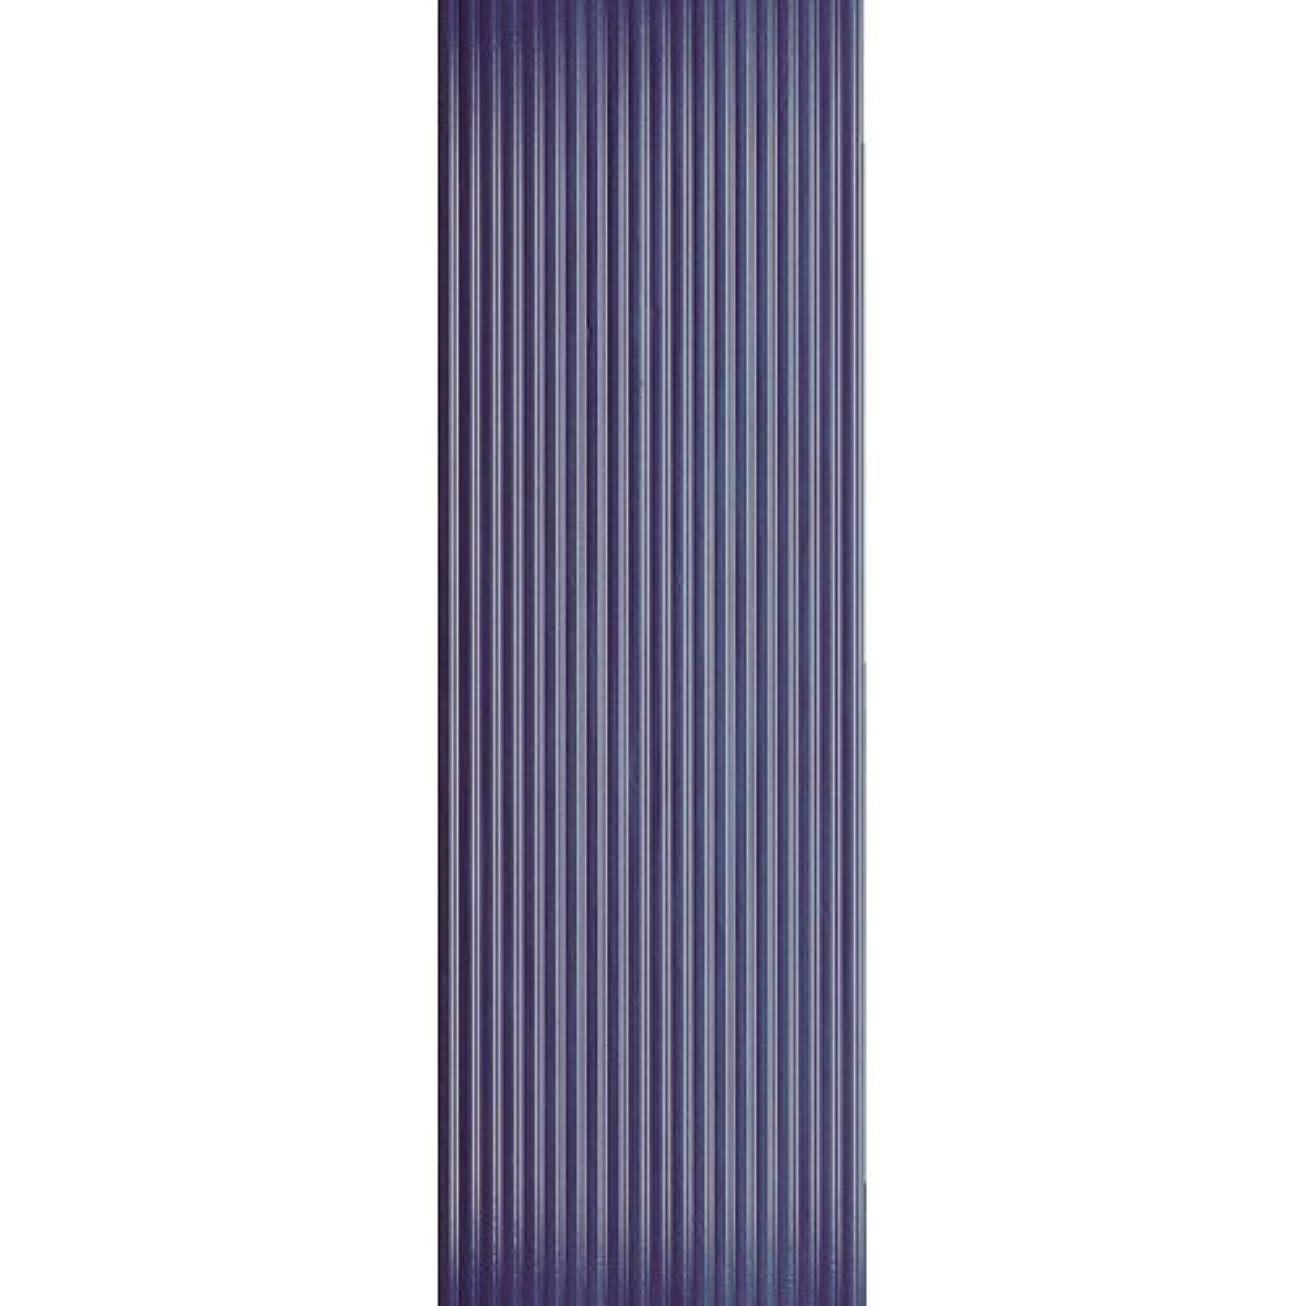 お母さん倒産睡眠アイリスオーヤマ ポリカ波板(ヒートカット)7尺 ブロンズ 61-2122-25